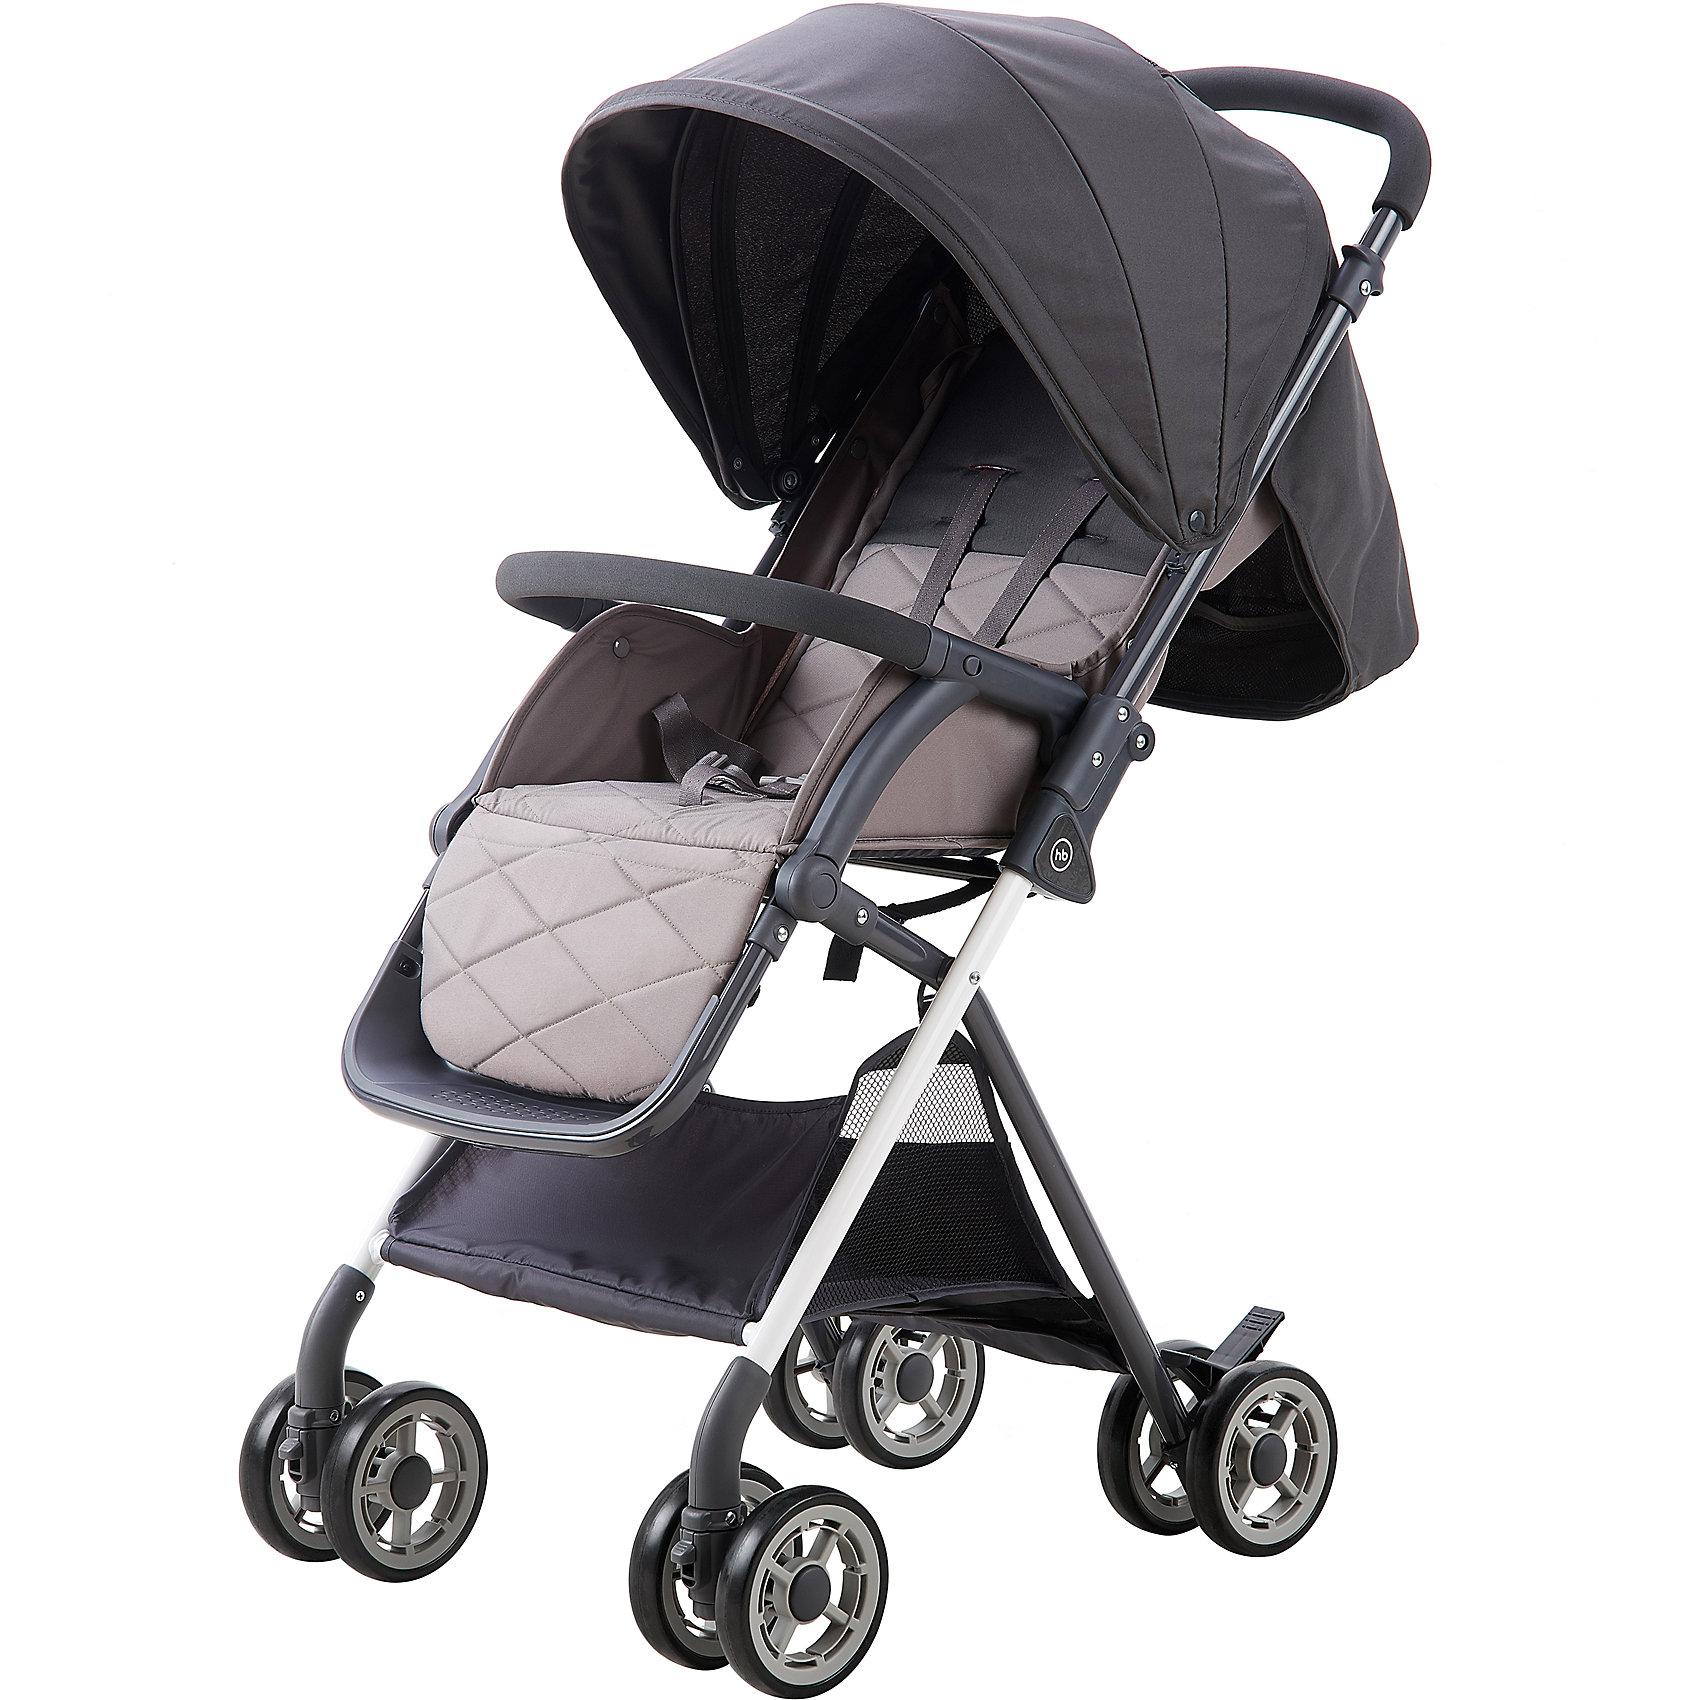 Прогулочная коляска Happy Baby Mia, серыйСезон весна-лето<br>Коляска MIA покорит вас своим стильным видом и отличными ходовыми данными. Плавный ход коляски обеспечивают двойные колёса, при этом передние поворачиваются на 360° и имеют возможность фиксации. В конструкцию встроена специальная сетка, которая обеспечивает циркуляцию воздуха и предотвращает выпадение ребенка в лежачем положении. Коляска имеет съемный бампер, регулируемую с помощью ремня спинку, а также вместительную корзину.<br><br>Ширина мм: 765<br>Глубина мм: 275<br>Высота мм: 445<br>Вес г: 9500<br>Возраст от месяцев: 7<br>Возраст до месяцев: 36<br>Пол: Унисекс<br>Возраст: Детский<br>SKU: 6681546